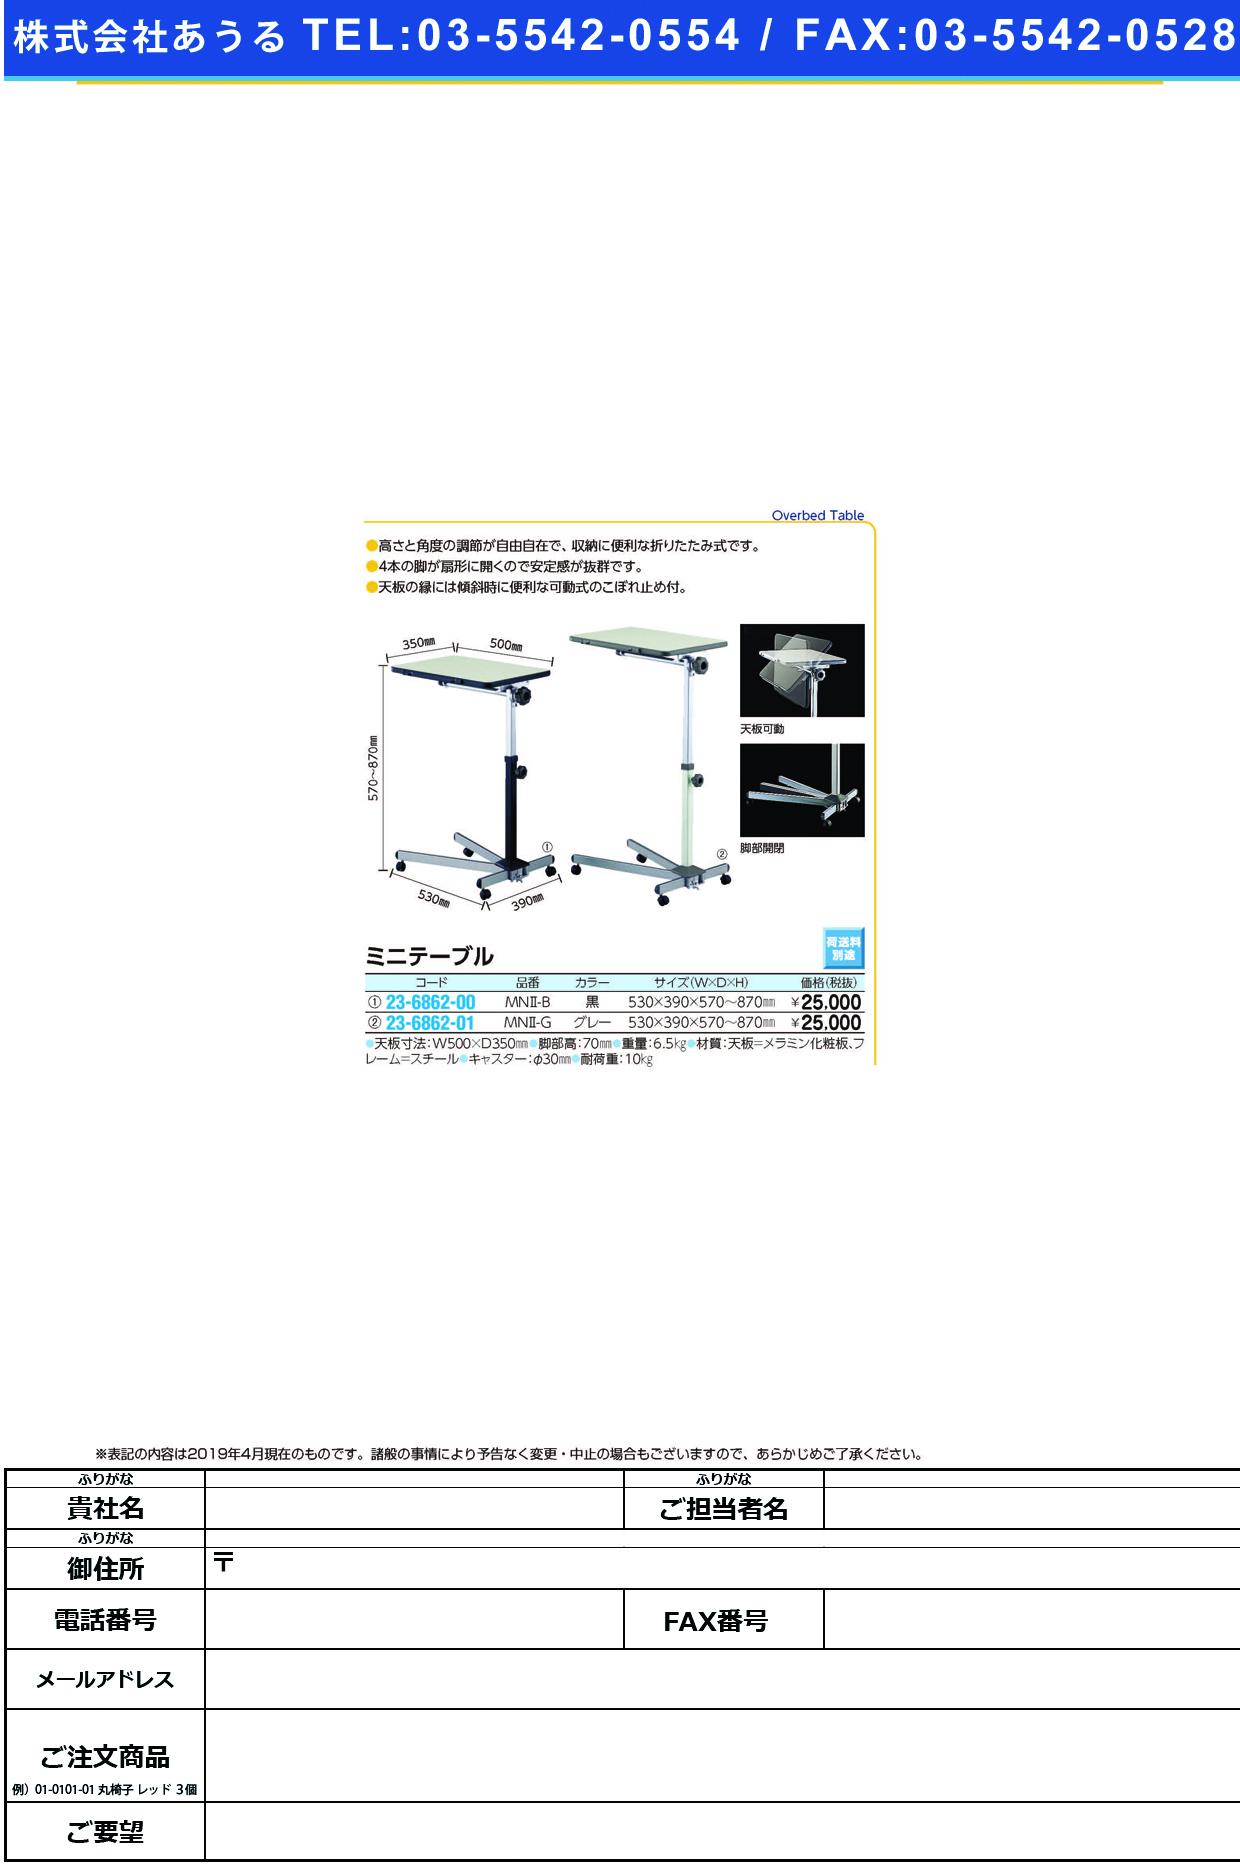 (23-6862-01)ミニテーブル MN2-G(グレー) ミニテーブル【1台単位】【2019年カタログ商品】